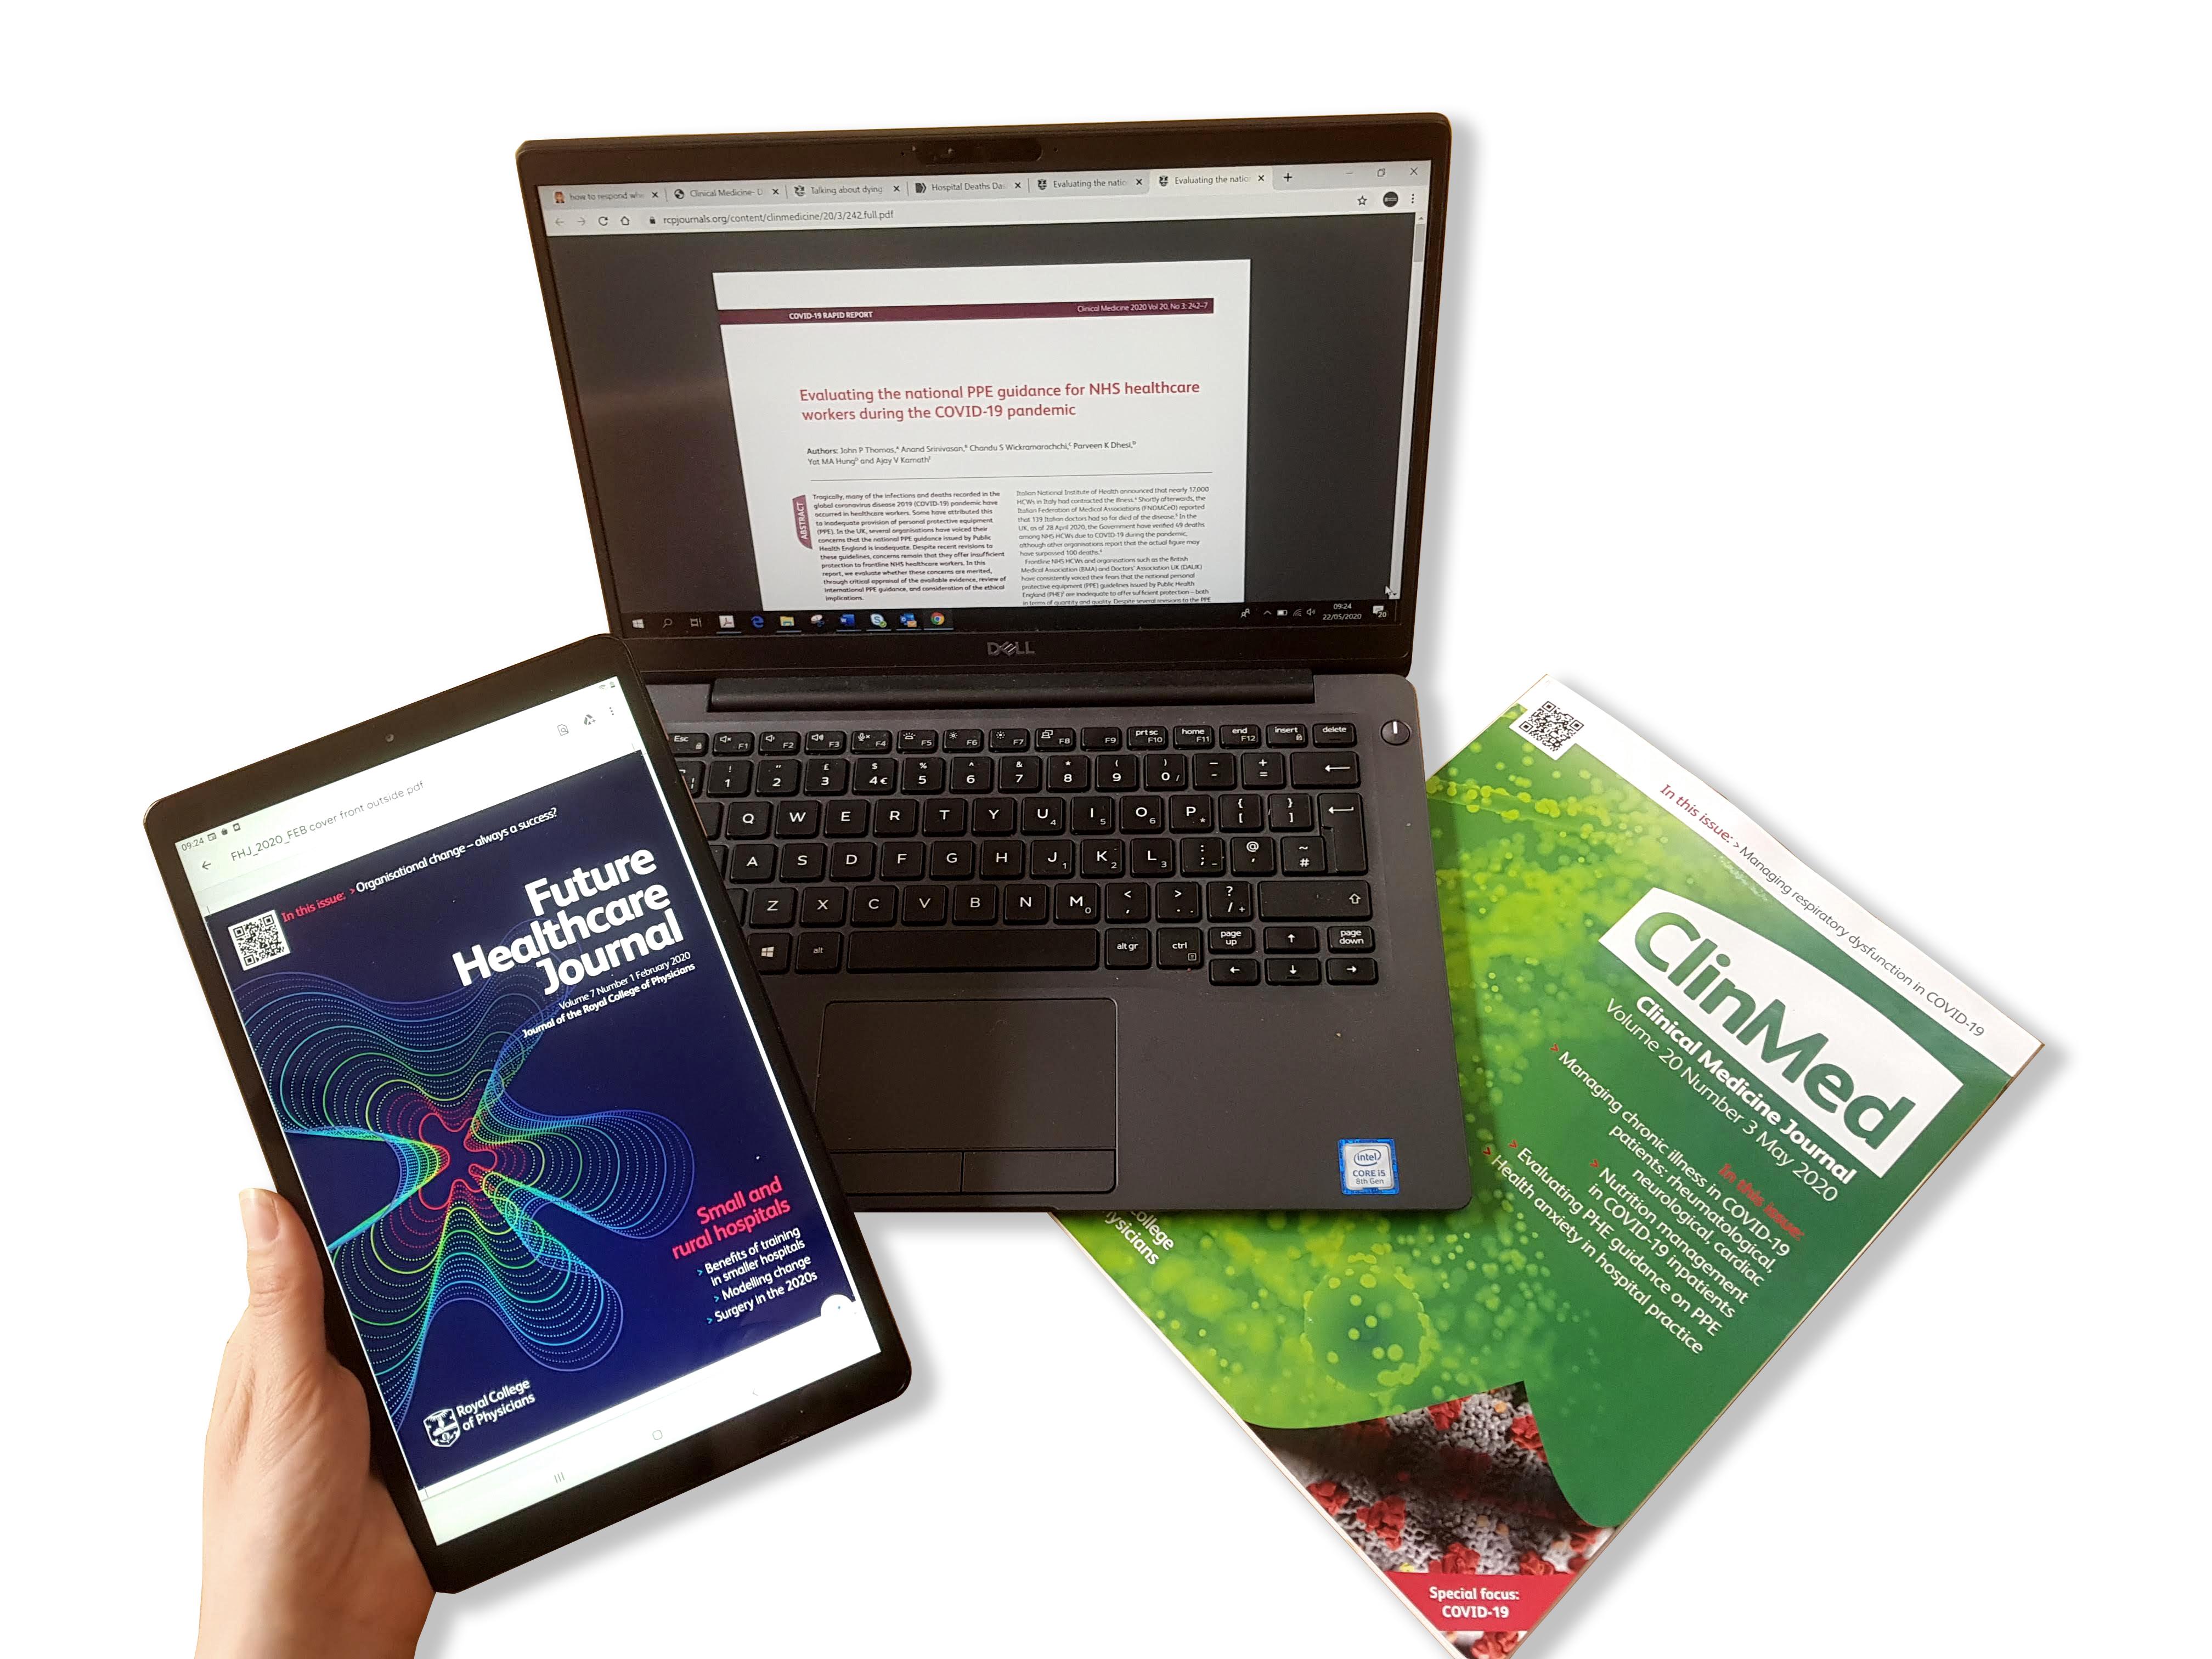 journals image